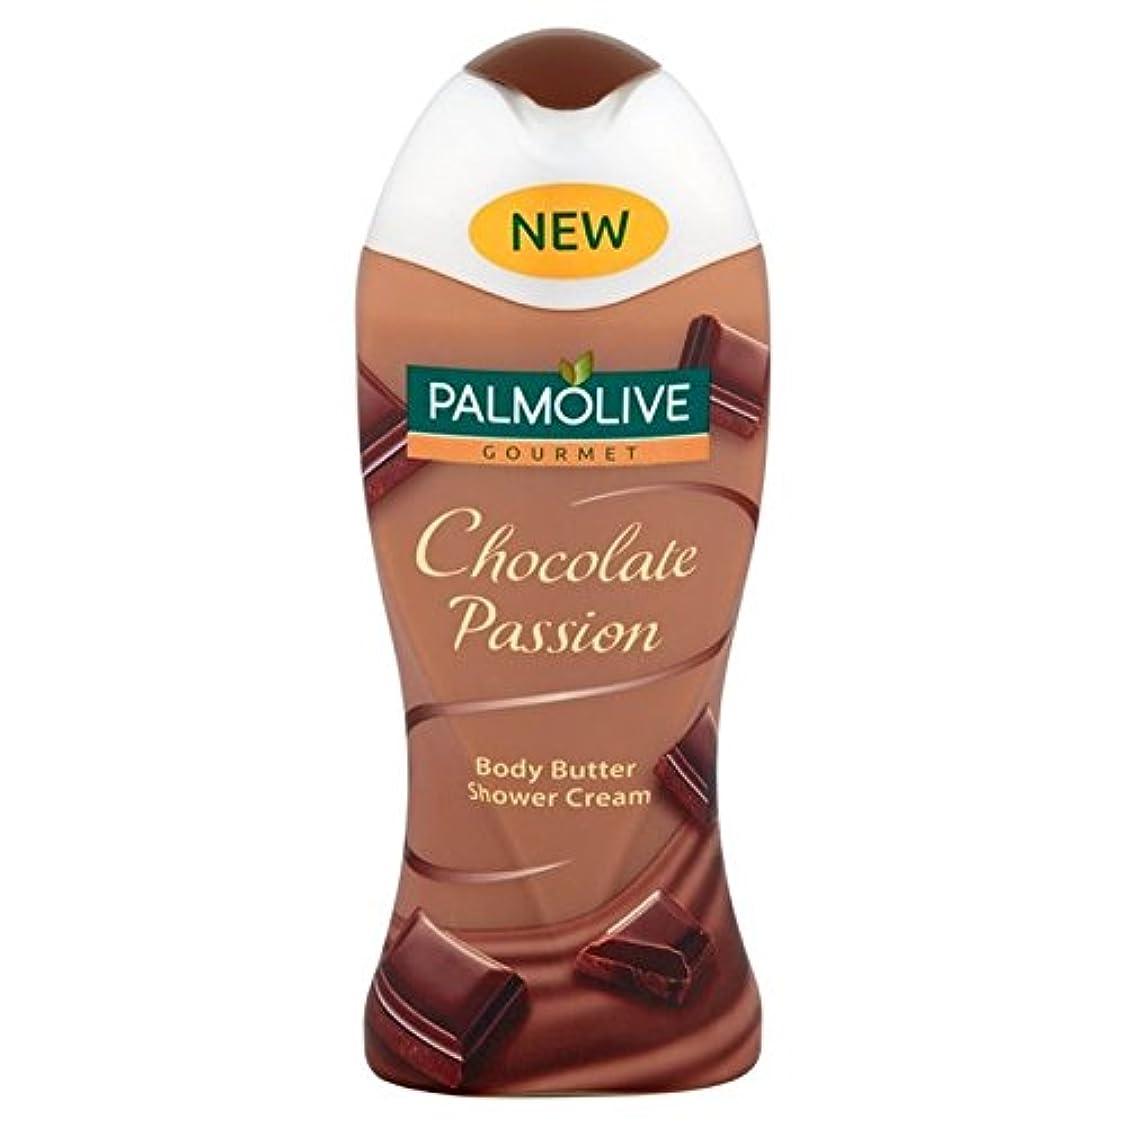 端探検マッサージパルモグルメチョコレートシャワージェル250ミリリットル x2 - Palmolive Gourmet Chocolate Shower Gel 250ml (Pack of 2) [並行輸入品]